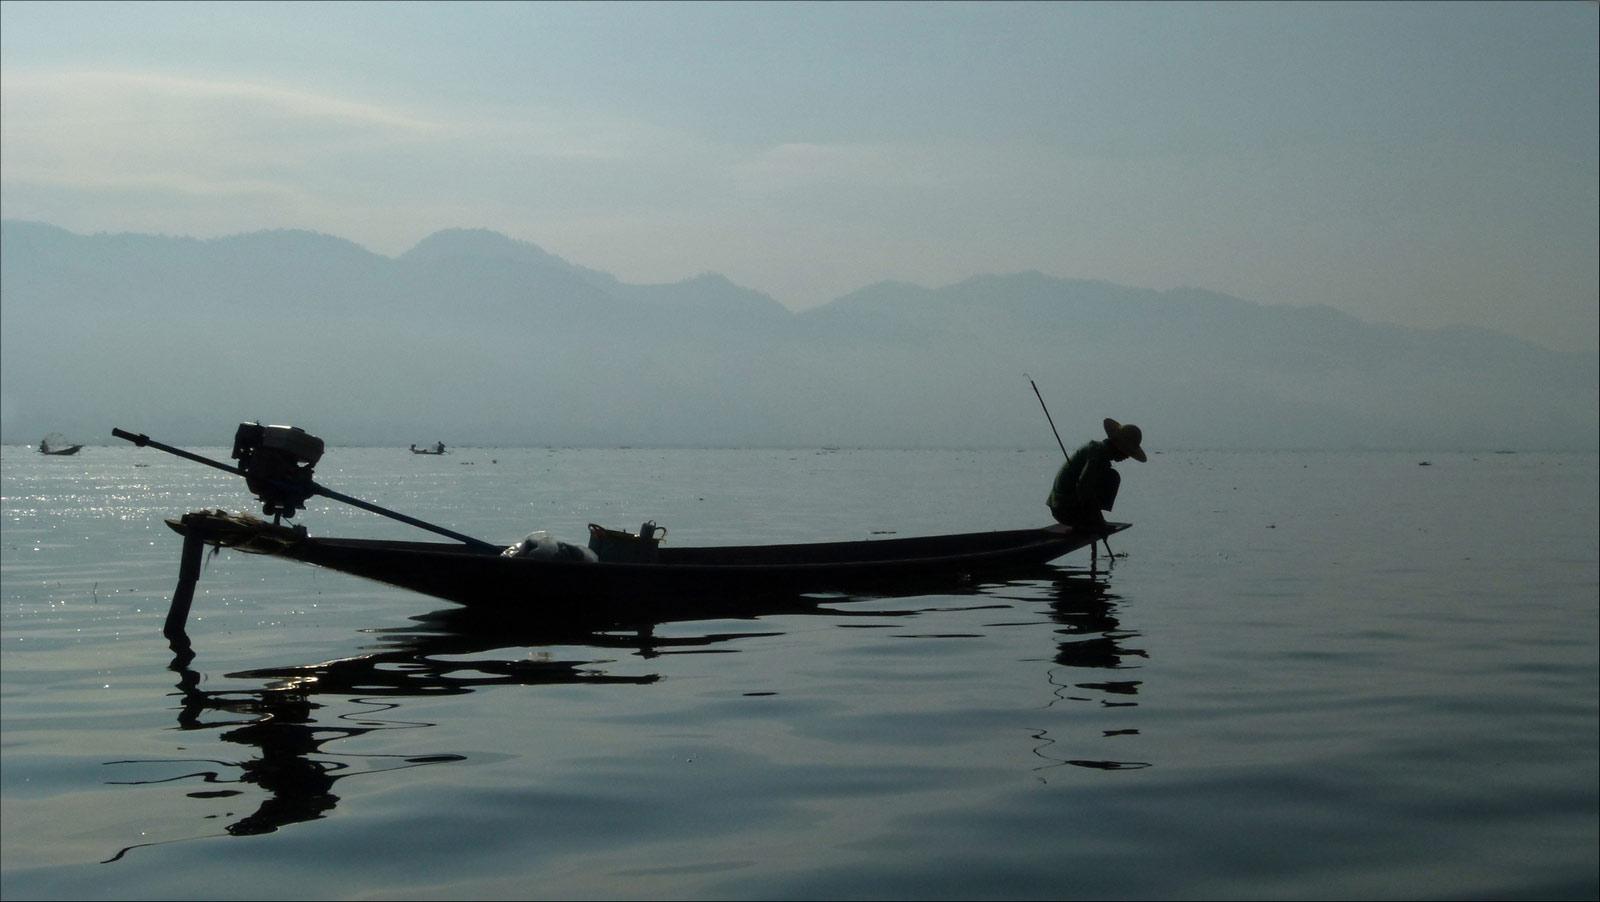 contre jour au lac Inle P1310286biscp